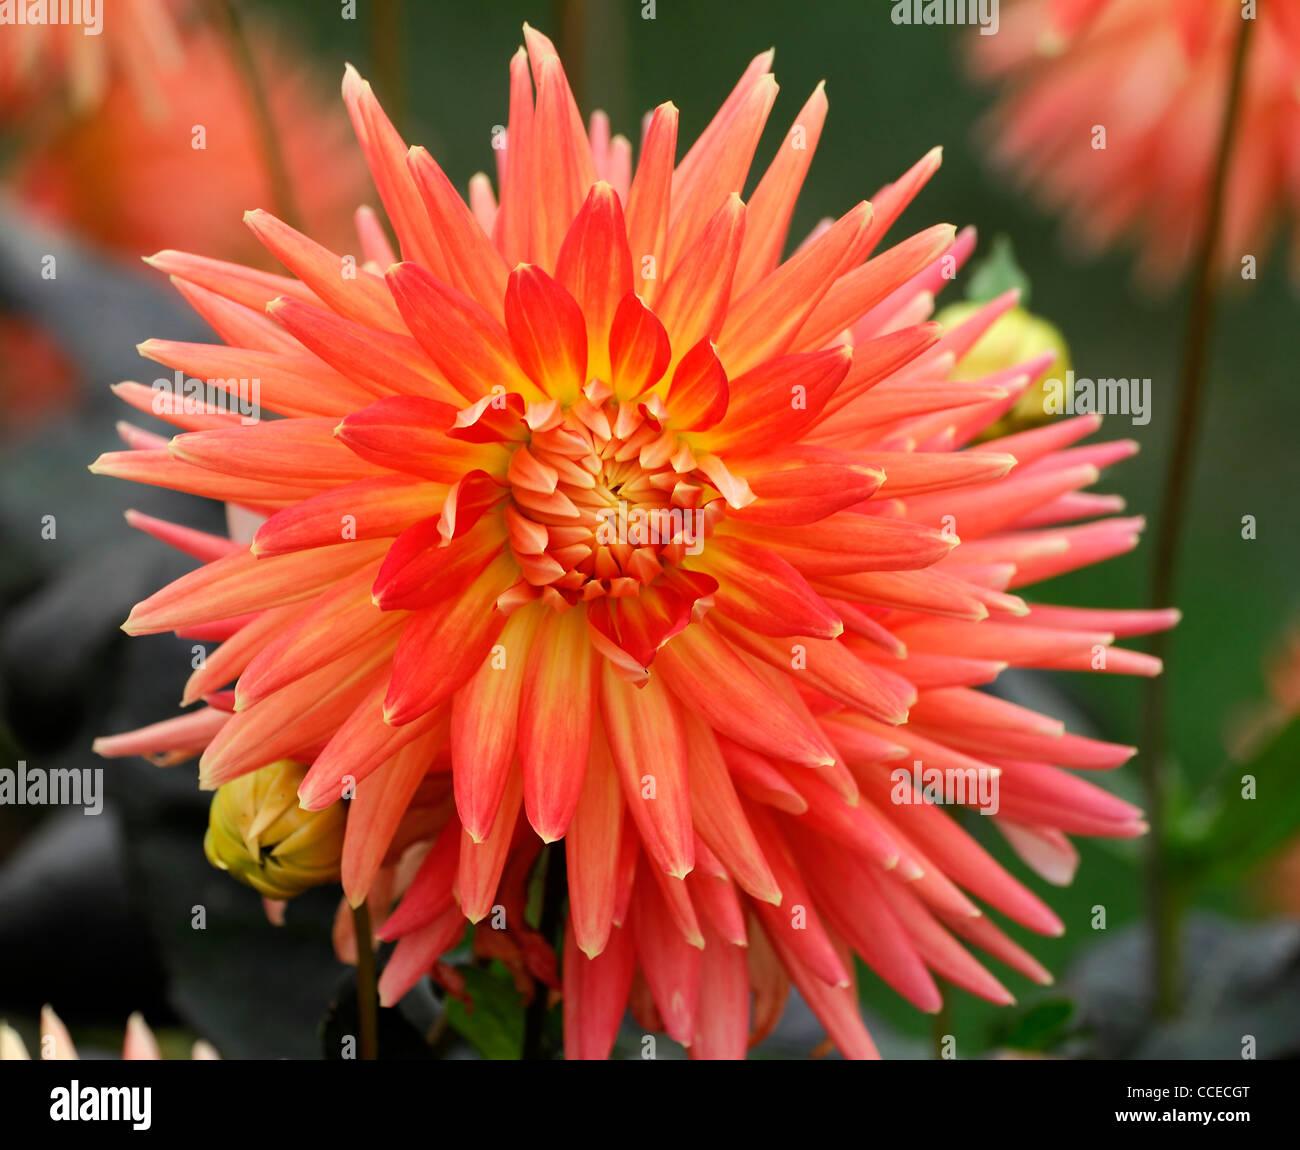 Dahlia Motto Form Orange Yellow Flower Bloom Blossom Closeup Plant